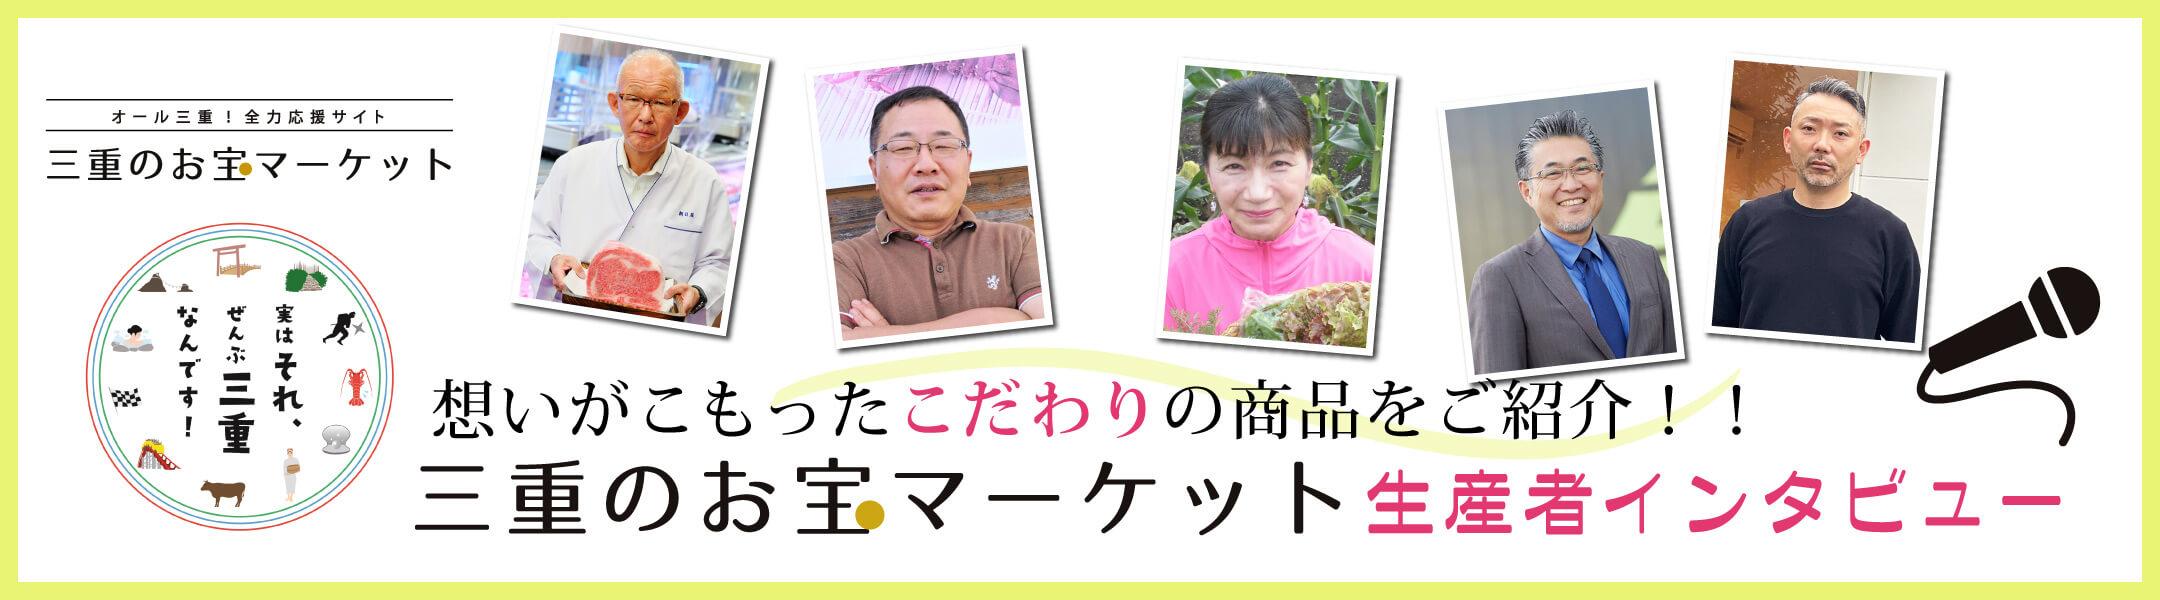 三重のお宝マーケット生産者インタビュー